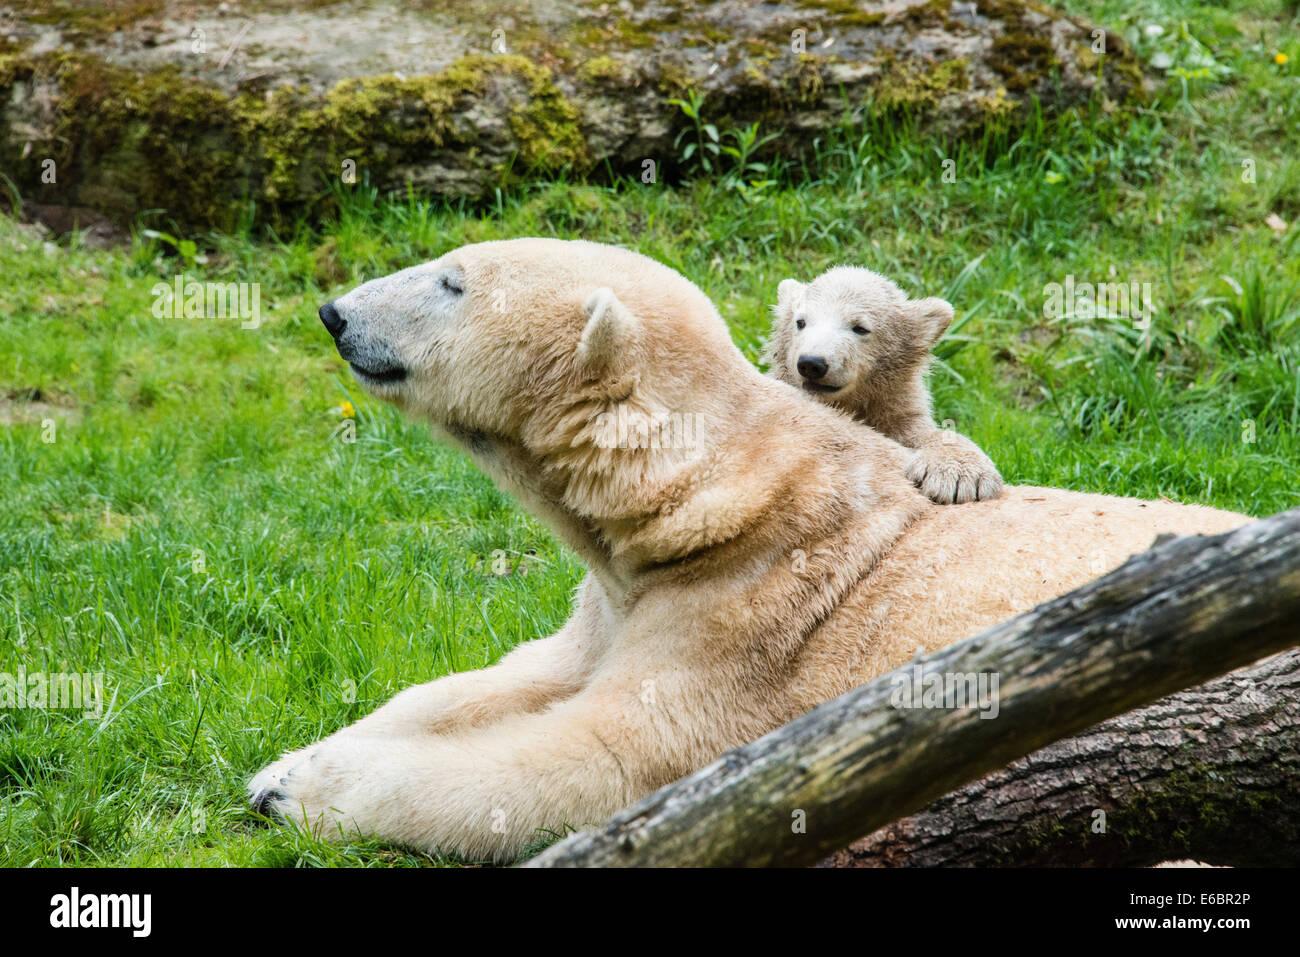 L'ours polaire (Ursus maritimus), avec de jeunes femmes, zoo Hellabrunn, Munich, Bavière, Allemagne Banque D'Images